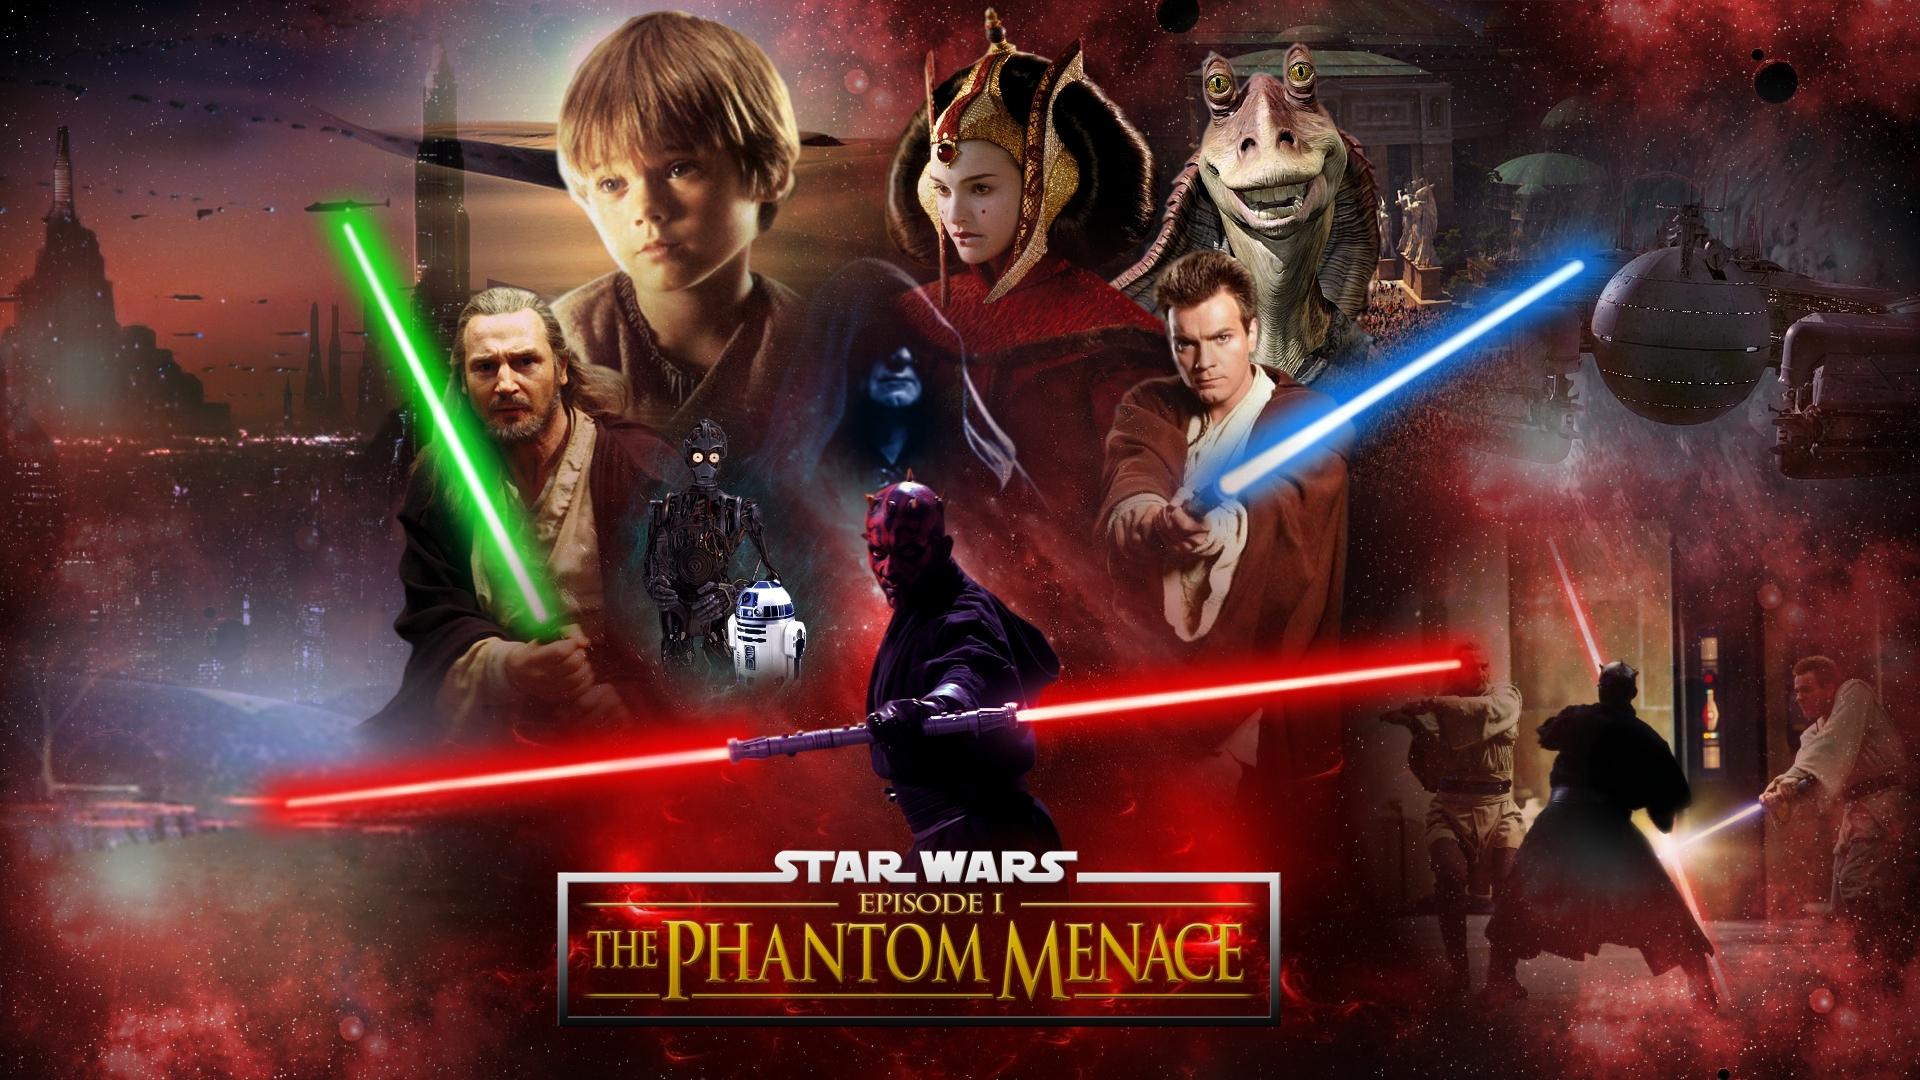 Star Wars Episode I Wallpaper